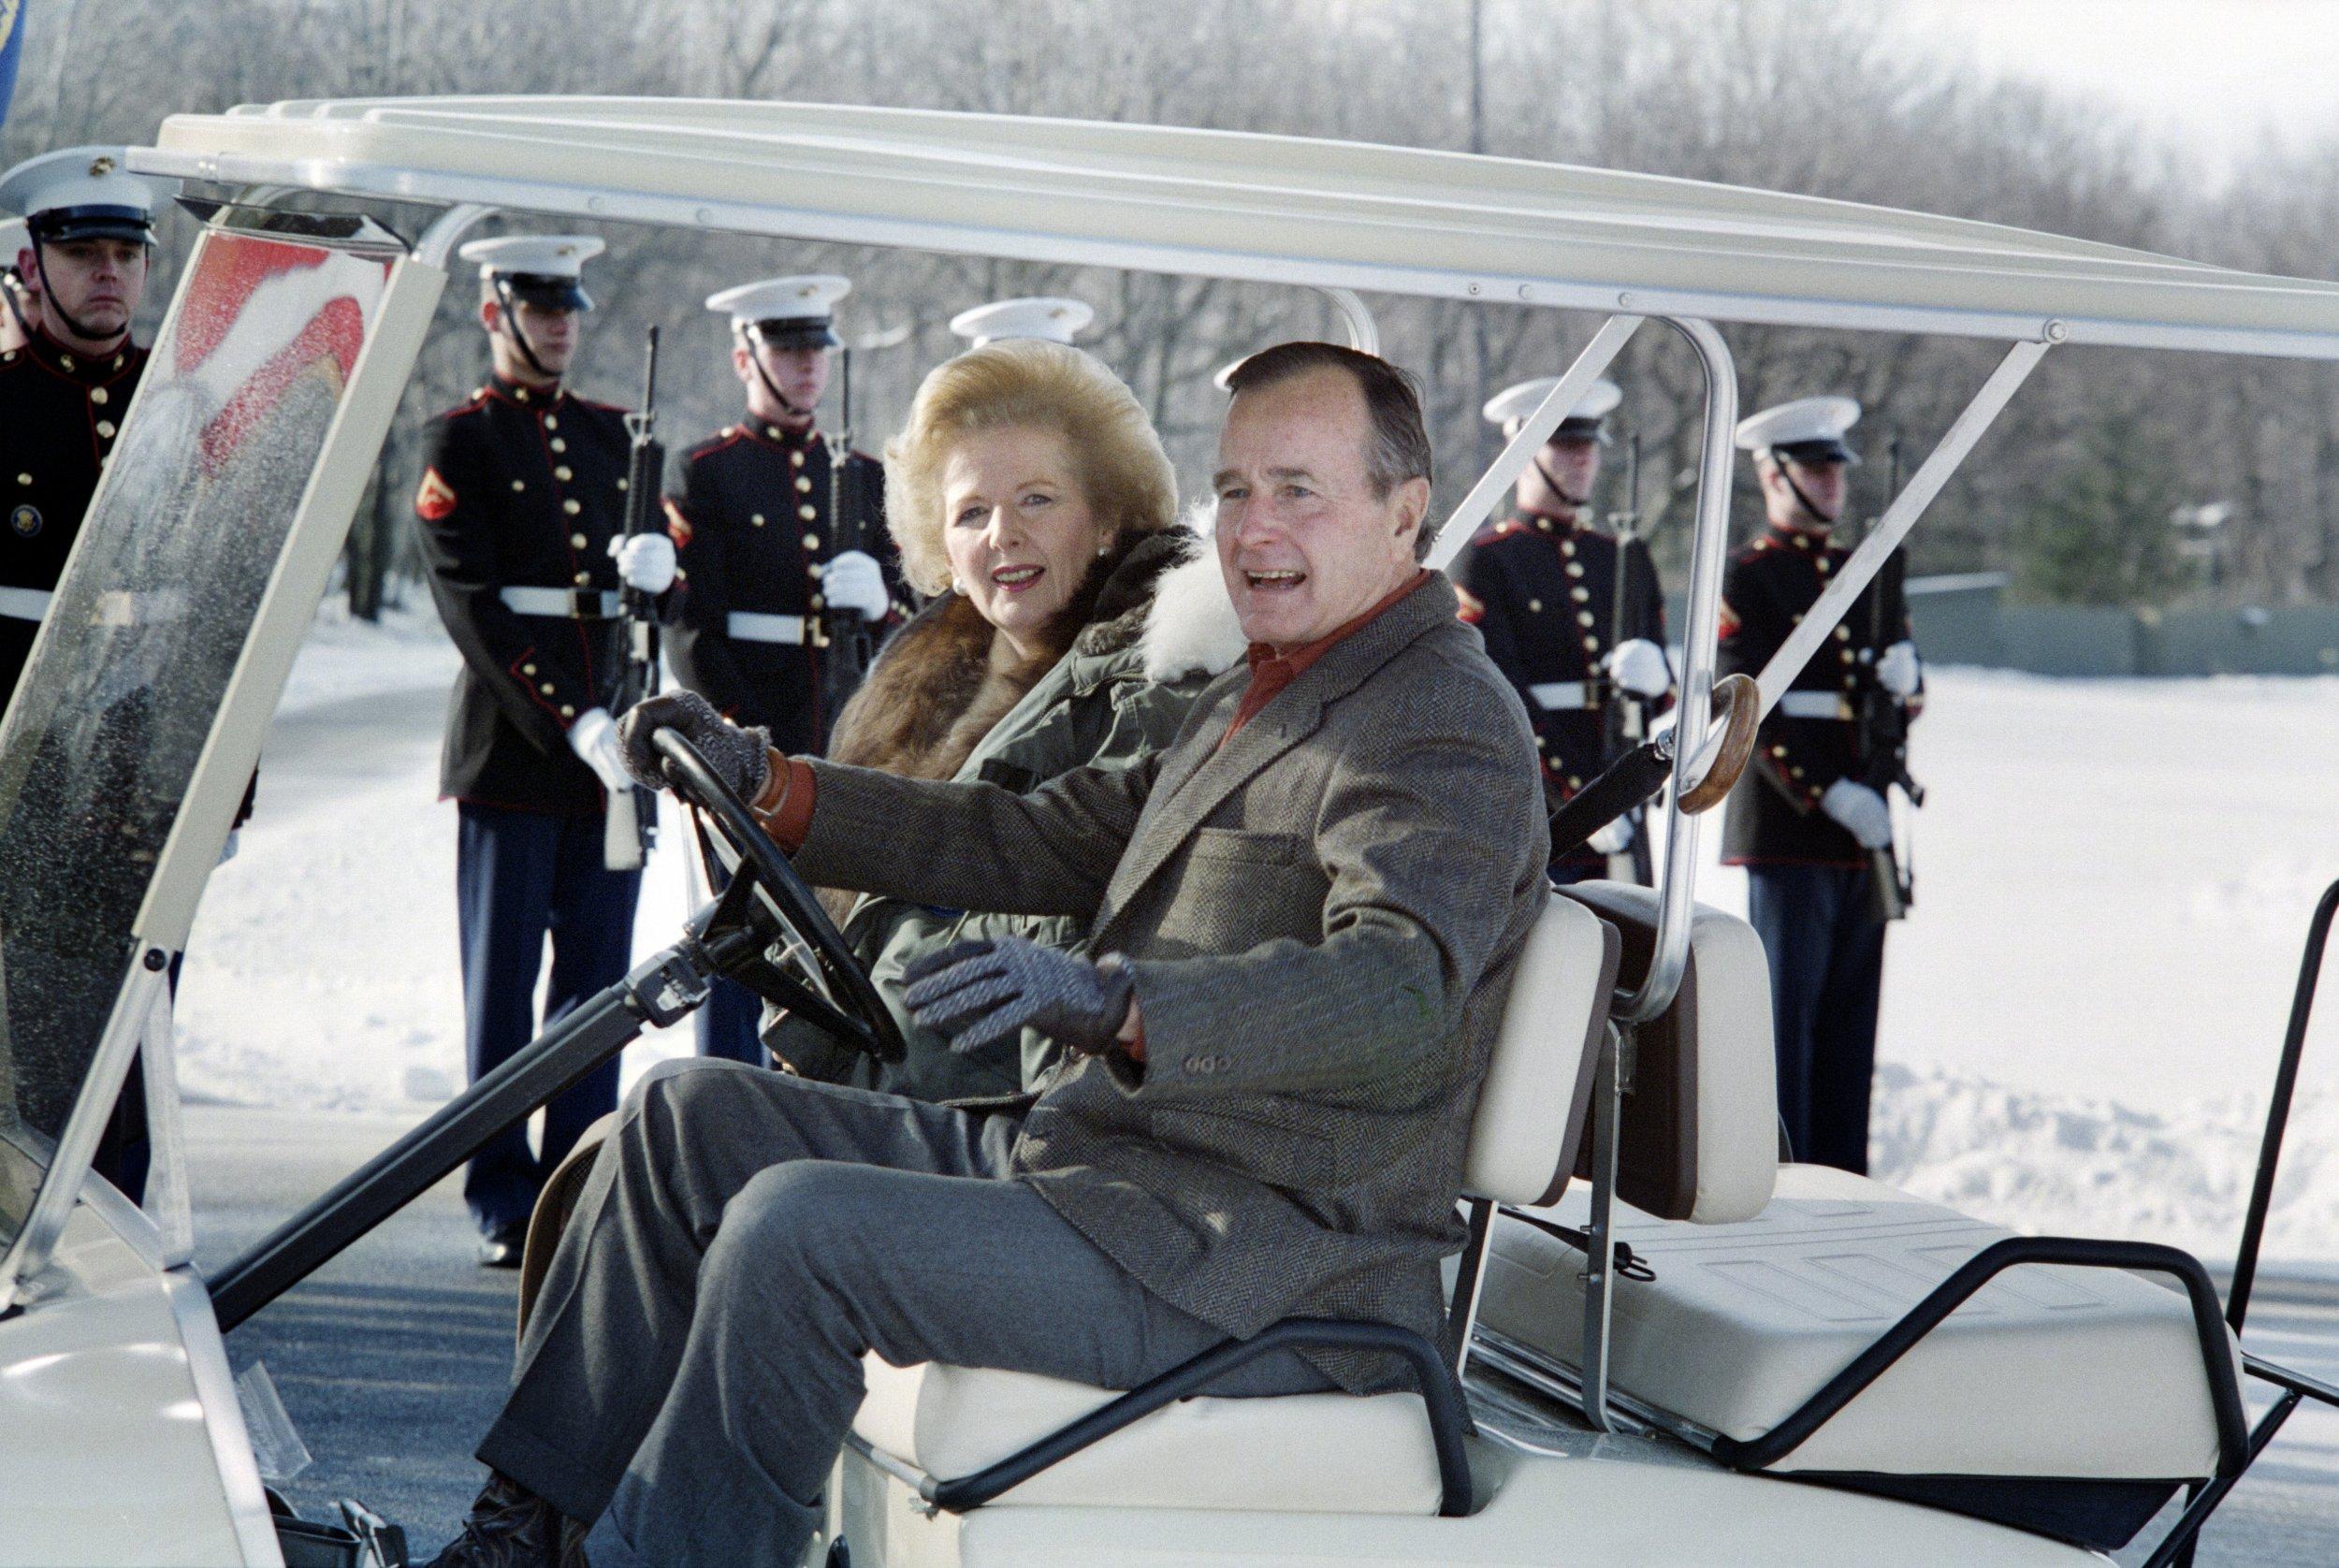 President Bush, Prime Minister Thatcher